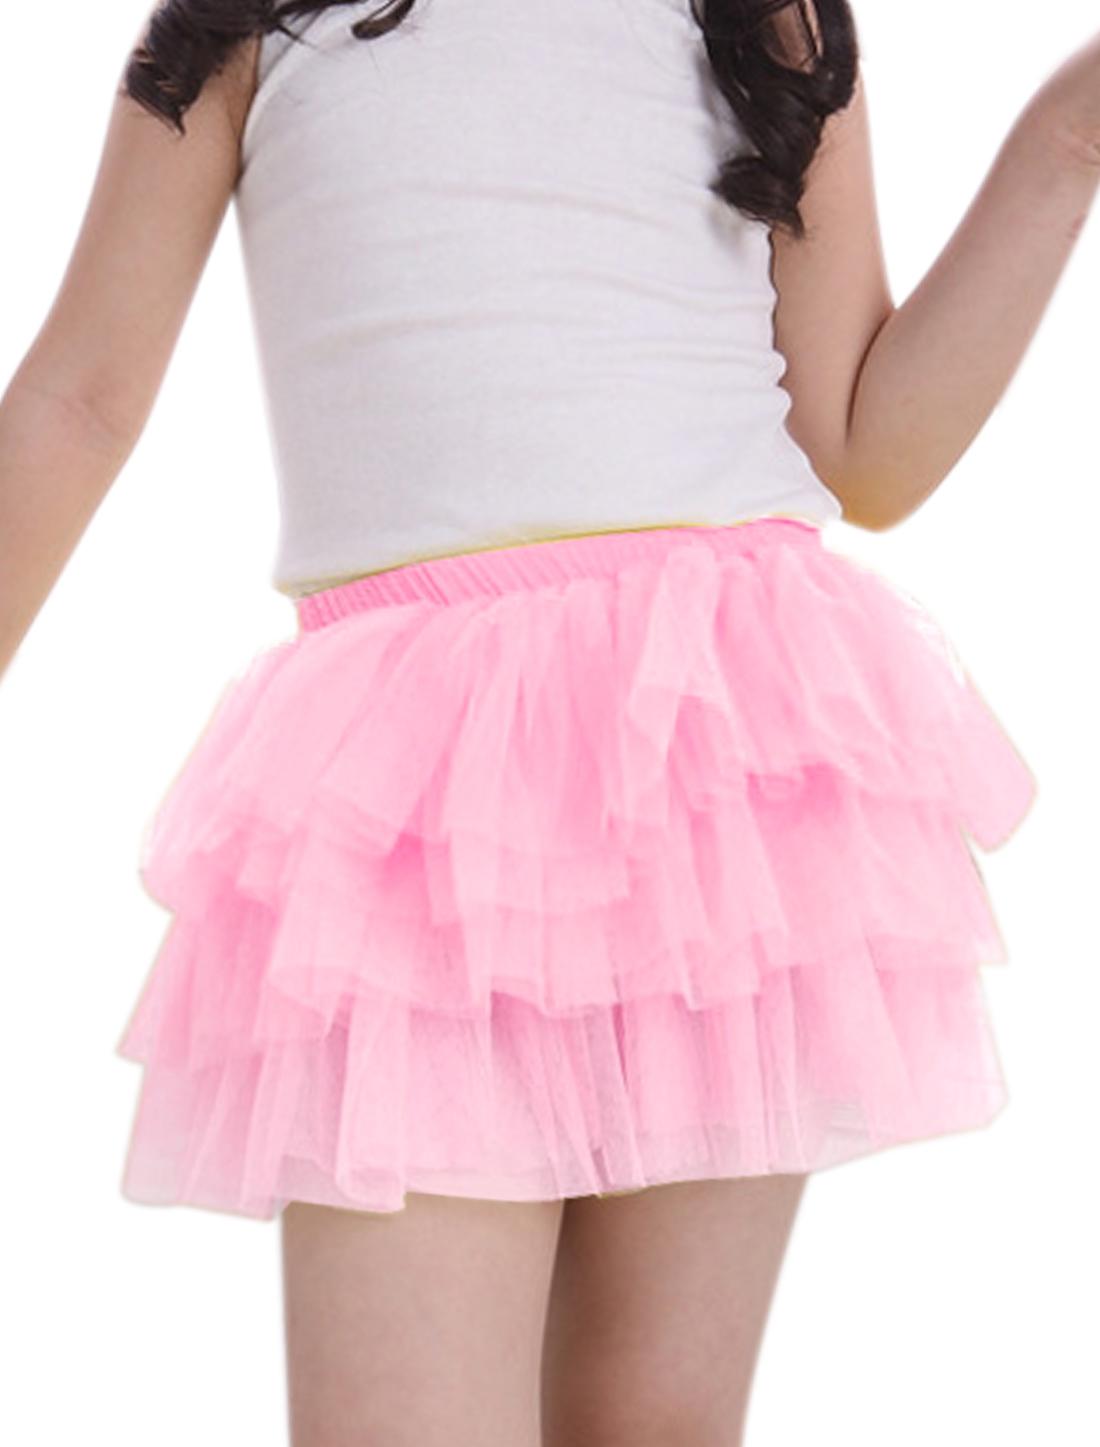 Girls Elastic Waist Mesh Panel Tiered A Line Skirt Pink 6X